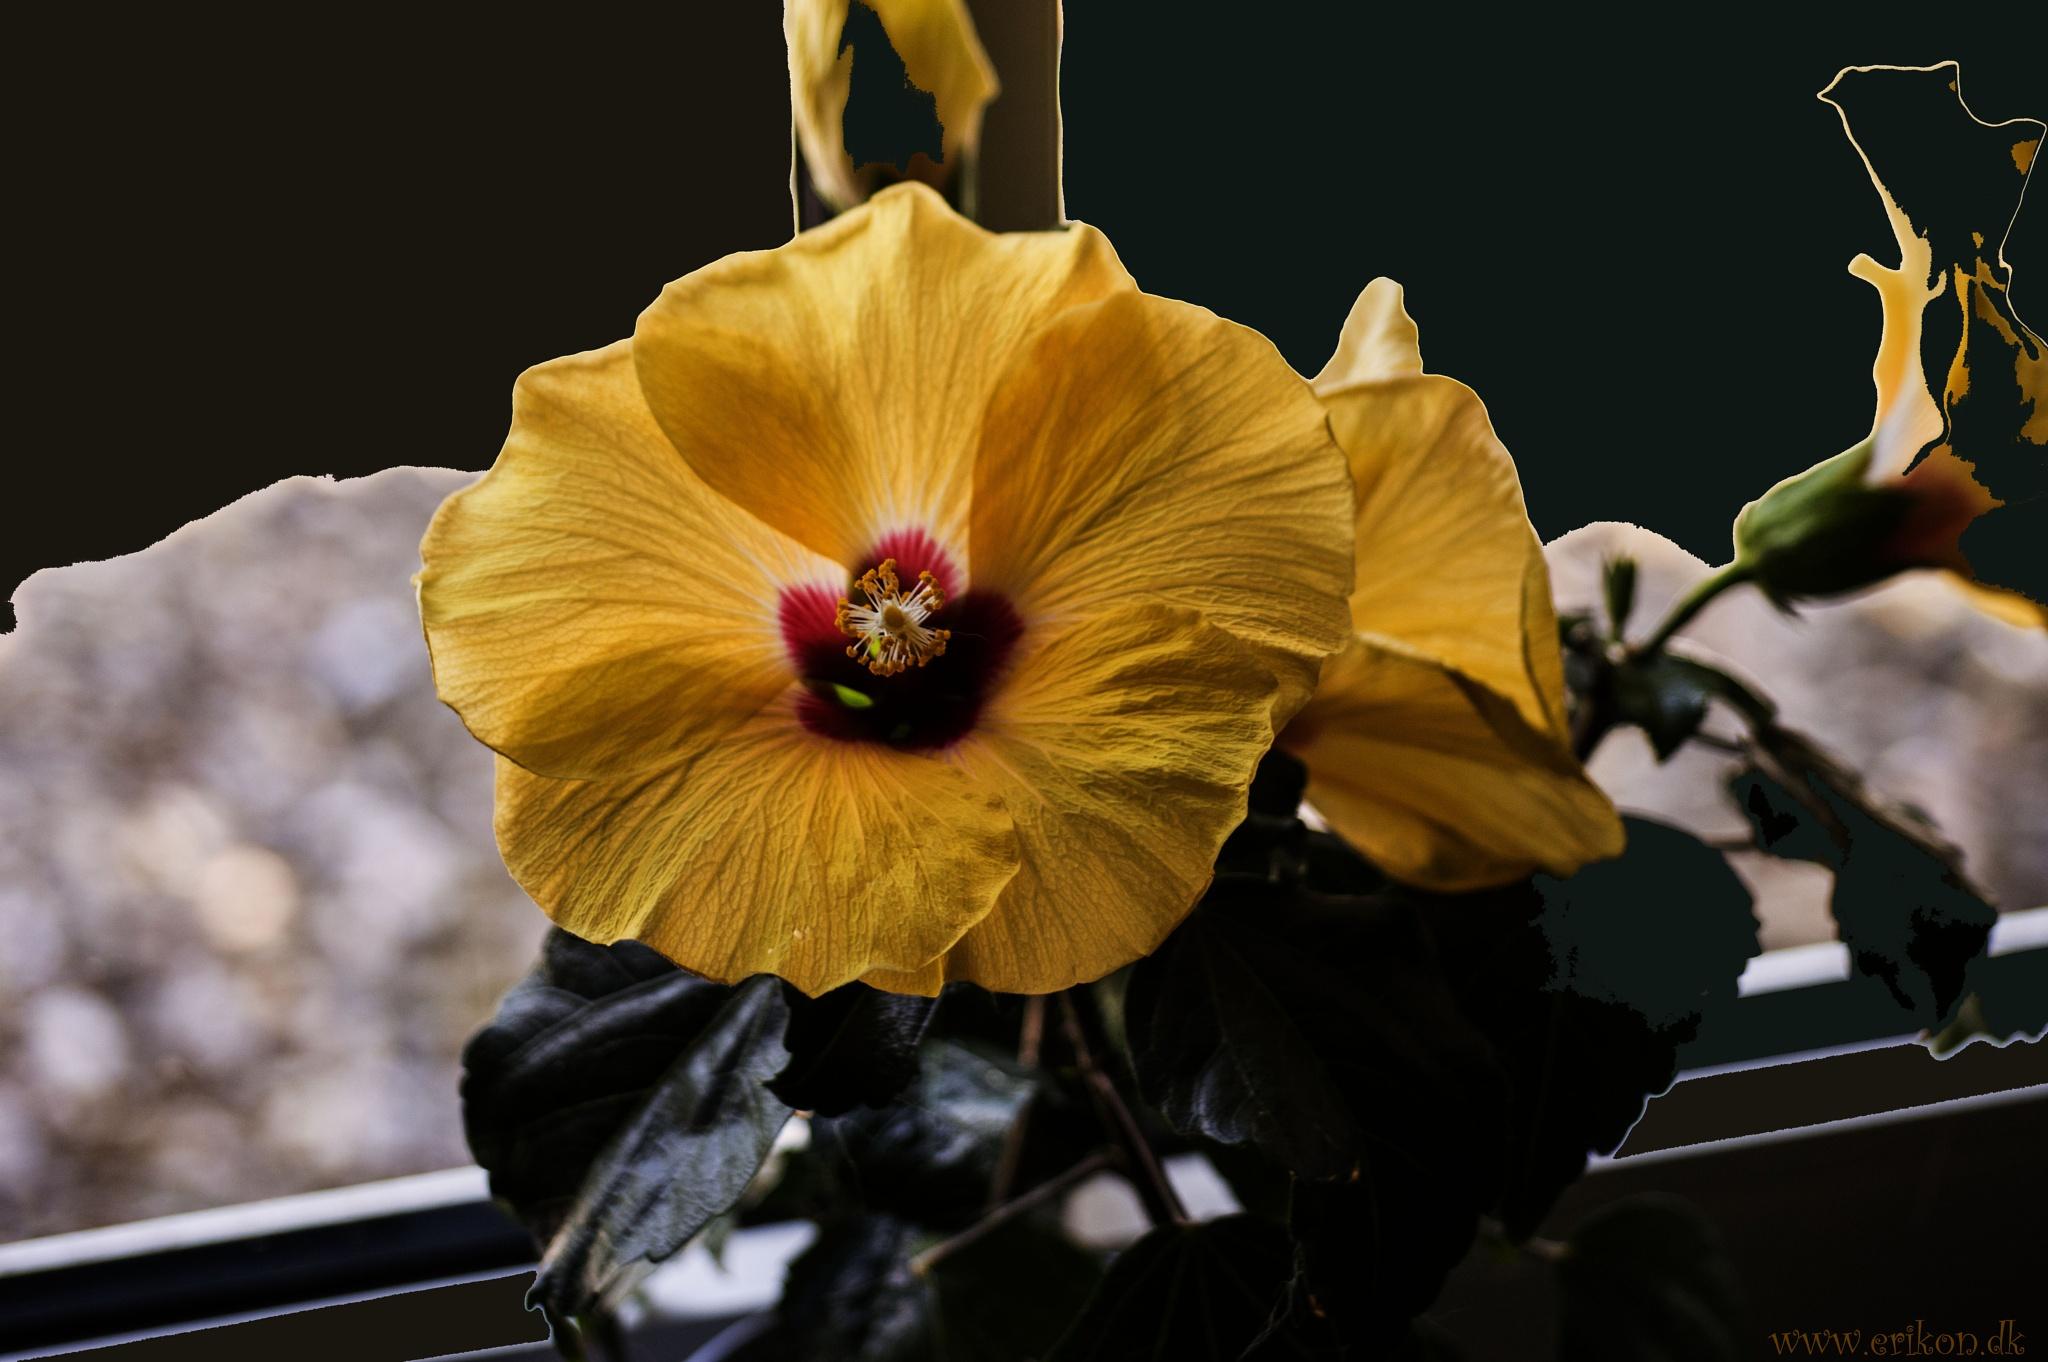 A flower in a window by Erik Nielsen/www.erikon.dk